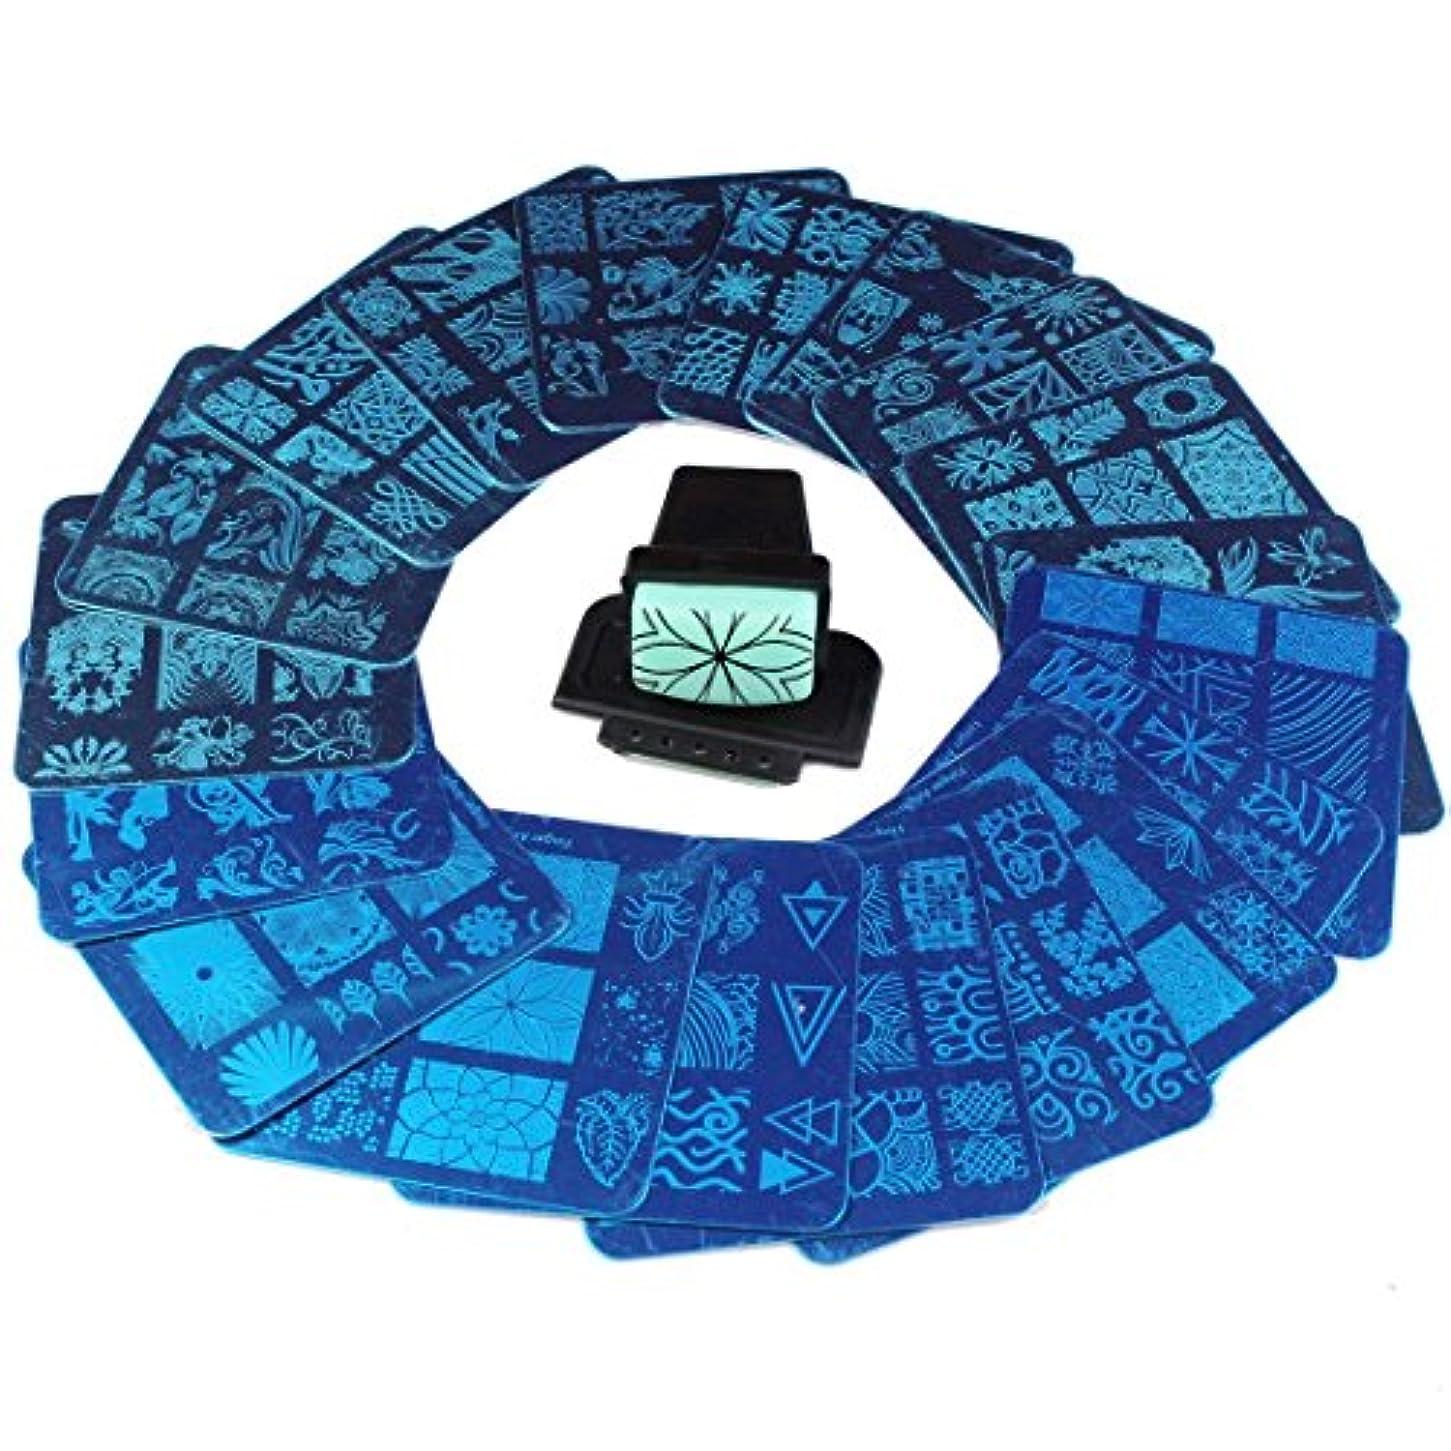 資産メール苦痛FingerAngel ネイルイメージプレートセット ネイルプレート 正方形20枚 付き ネイルサロンも自宅も使えるネイルプレート